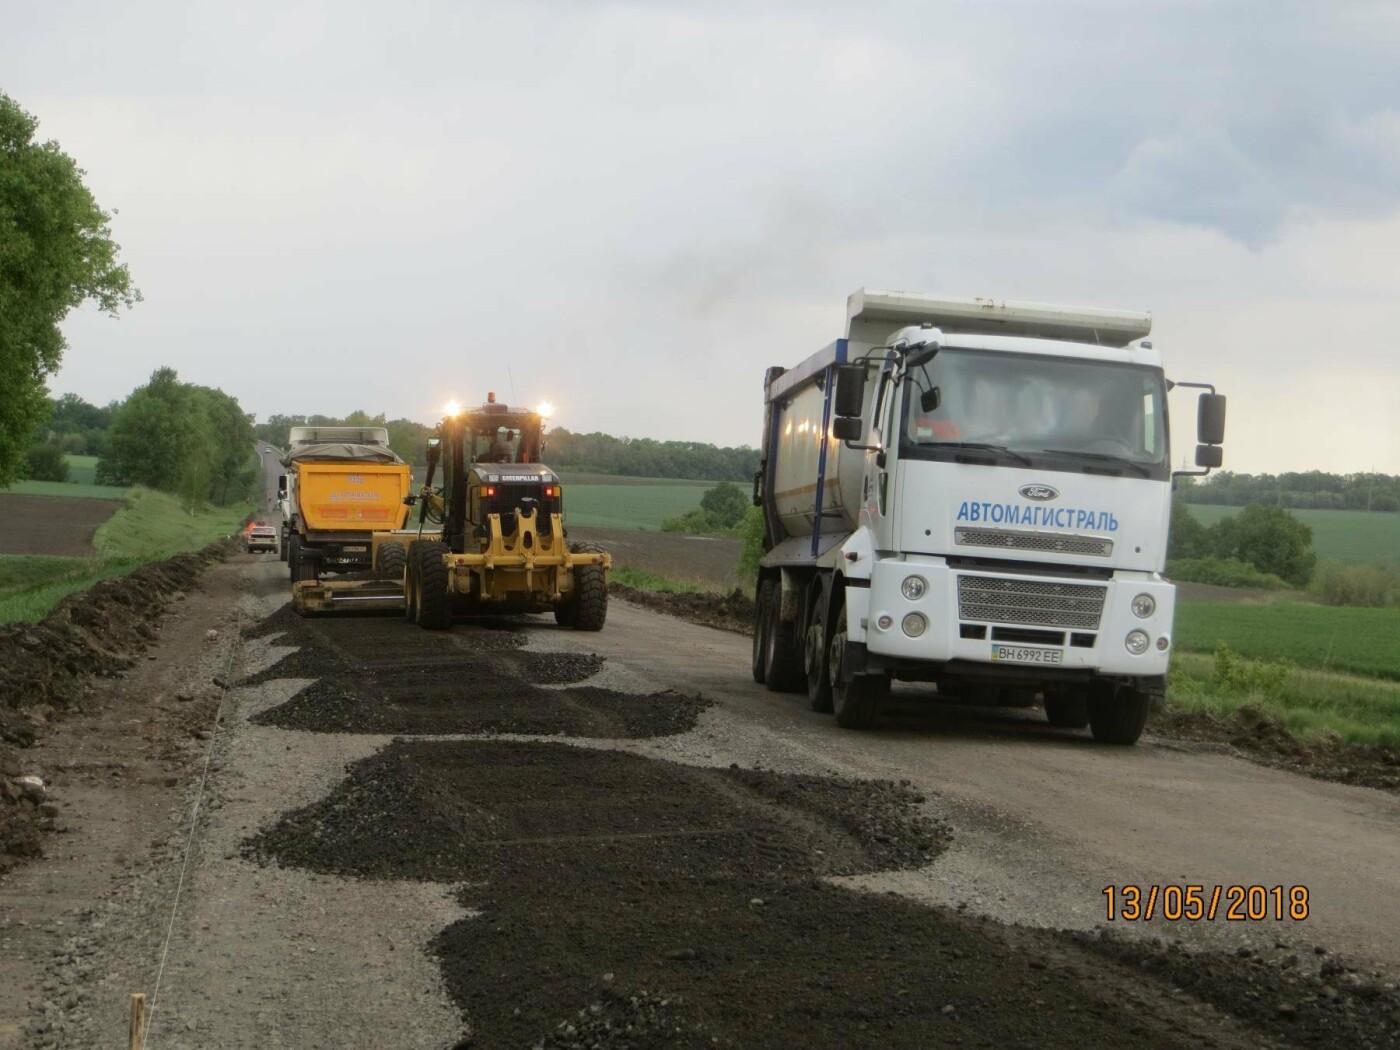 Служба автомобильных дорог ремонтирует дорогу Харьков-Ахтырка, фото-3